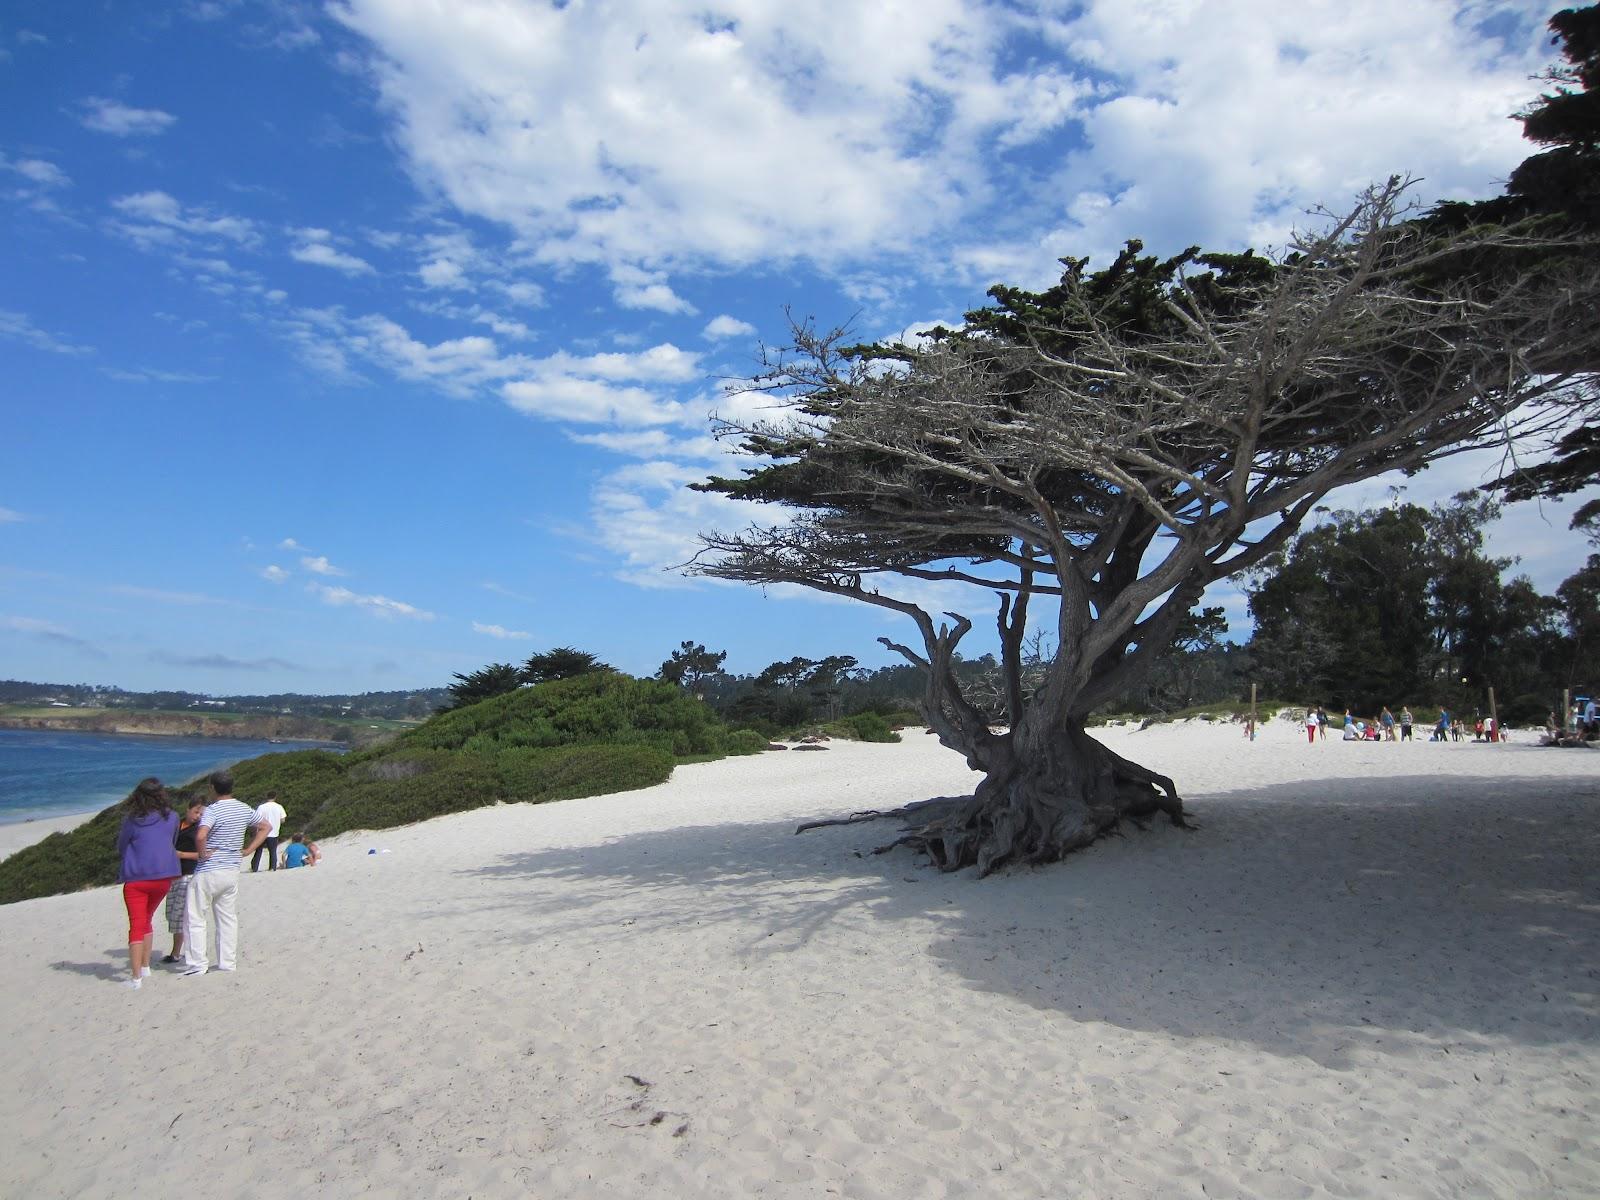 Famille foret vacances 2012 usa de monterey palo alto - Sublime maison blanche de la plage en californie ...